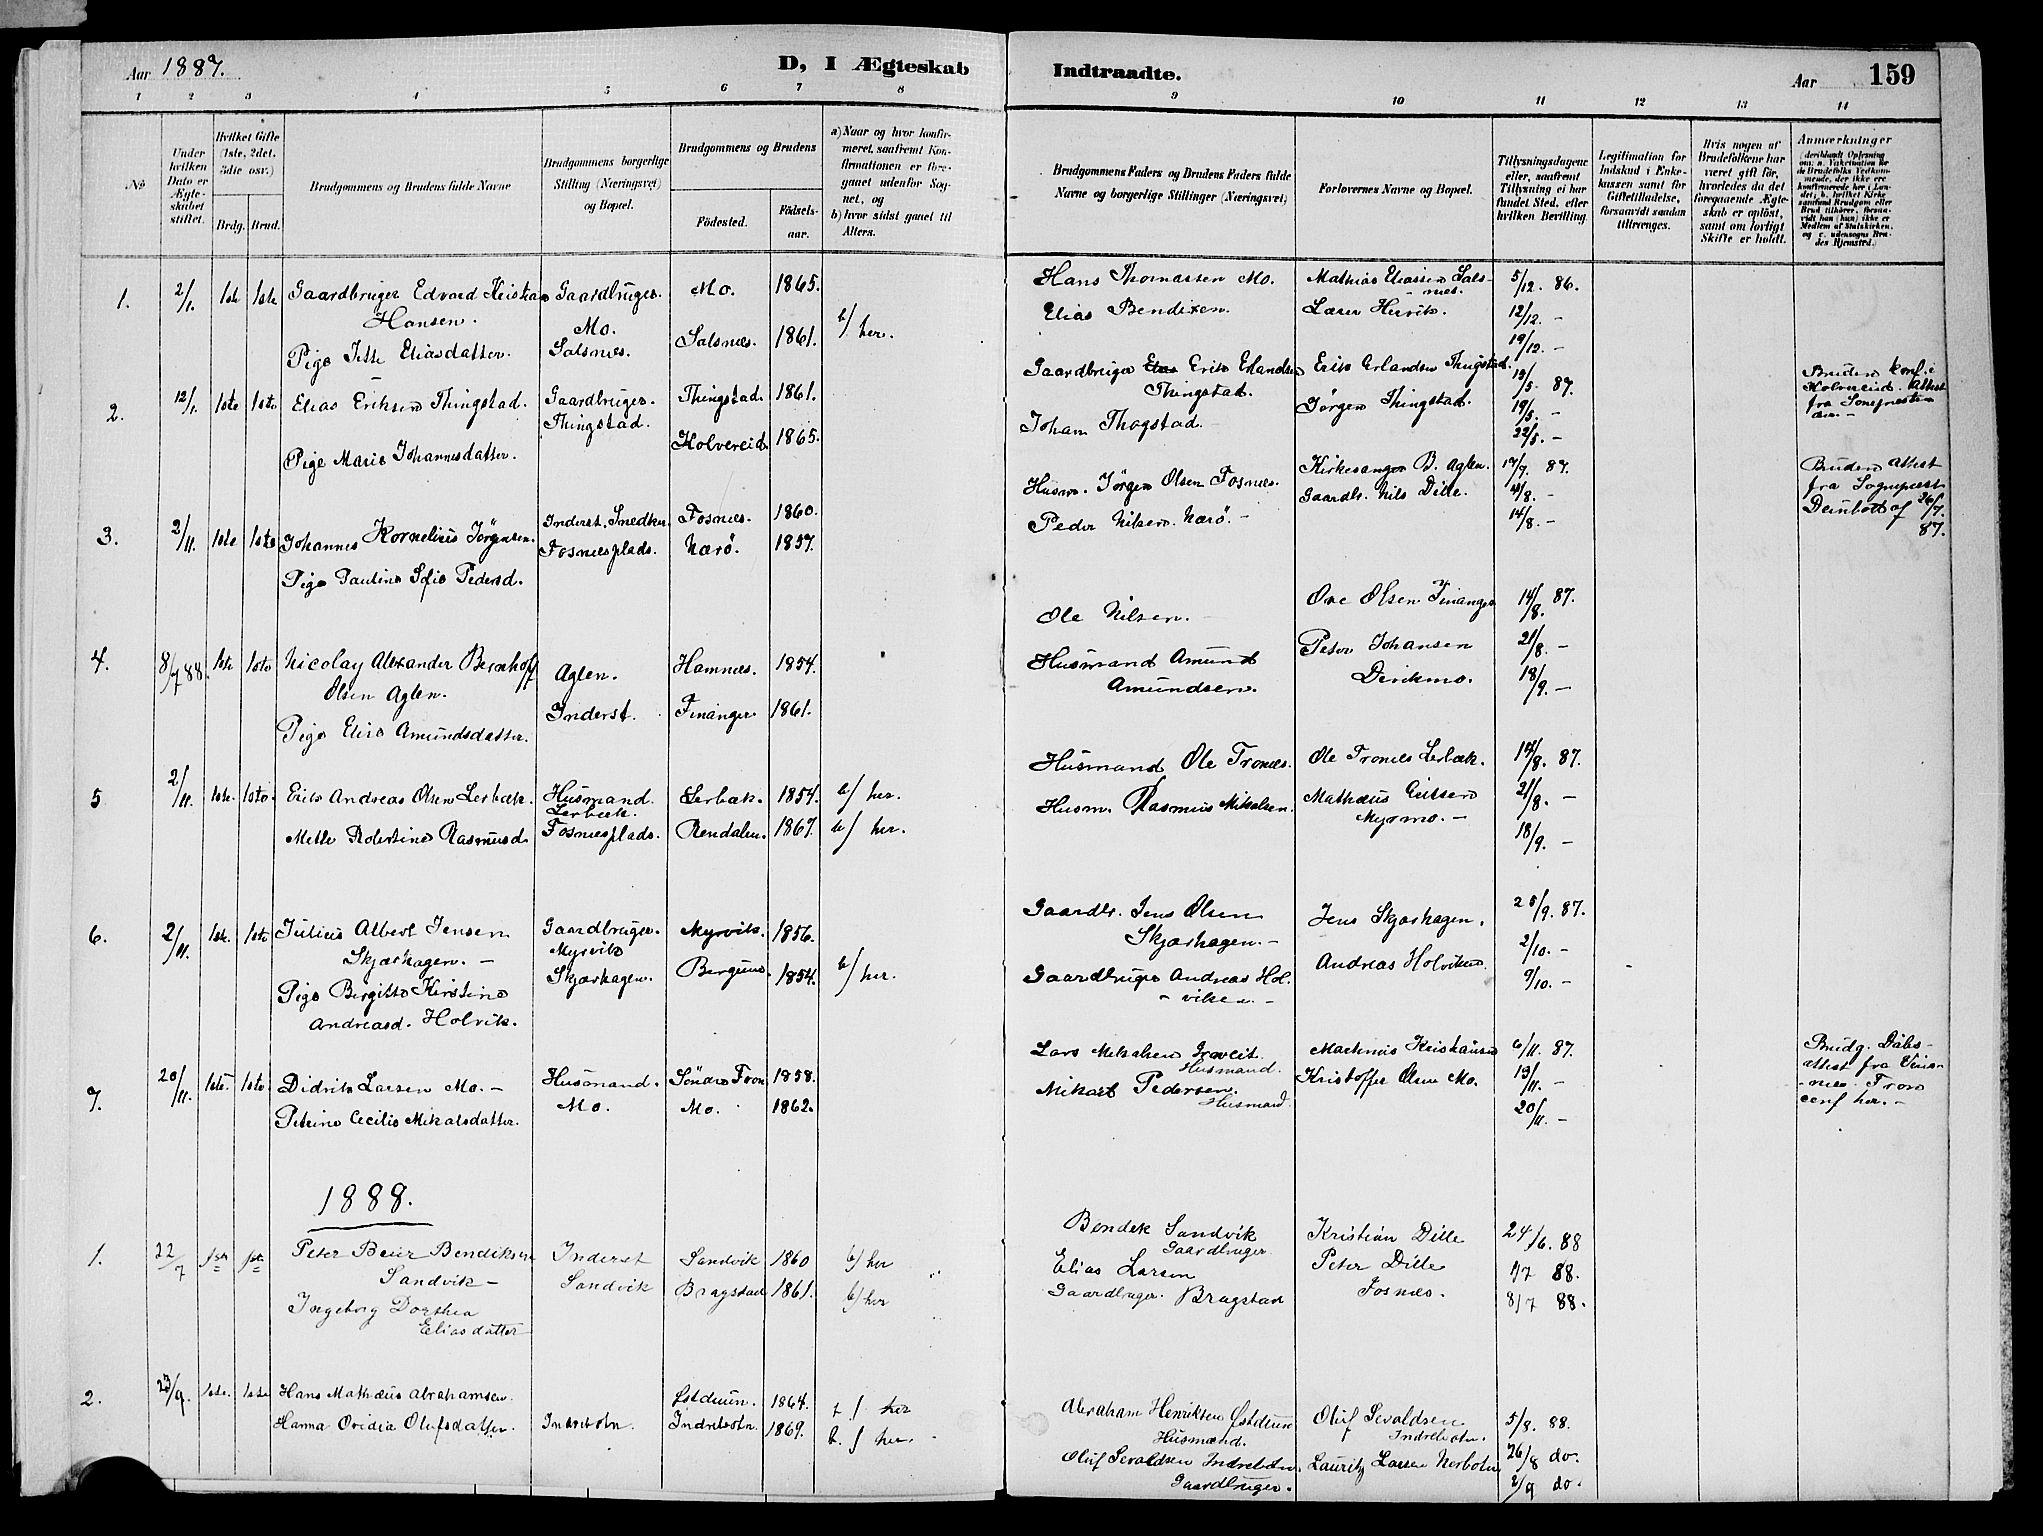 SAT, Ministerialprotokoller, klokkerbøker og fødselsregistre - Nord-Trøndelag, 773/L0617: Ministerialbok nr. 773A08, 1887-1910, s. 159